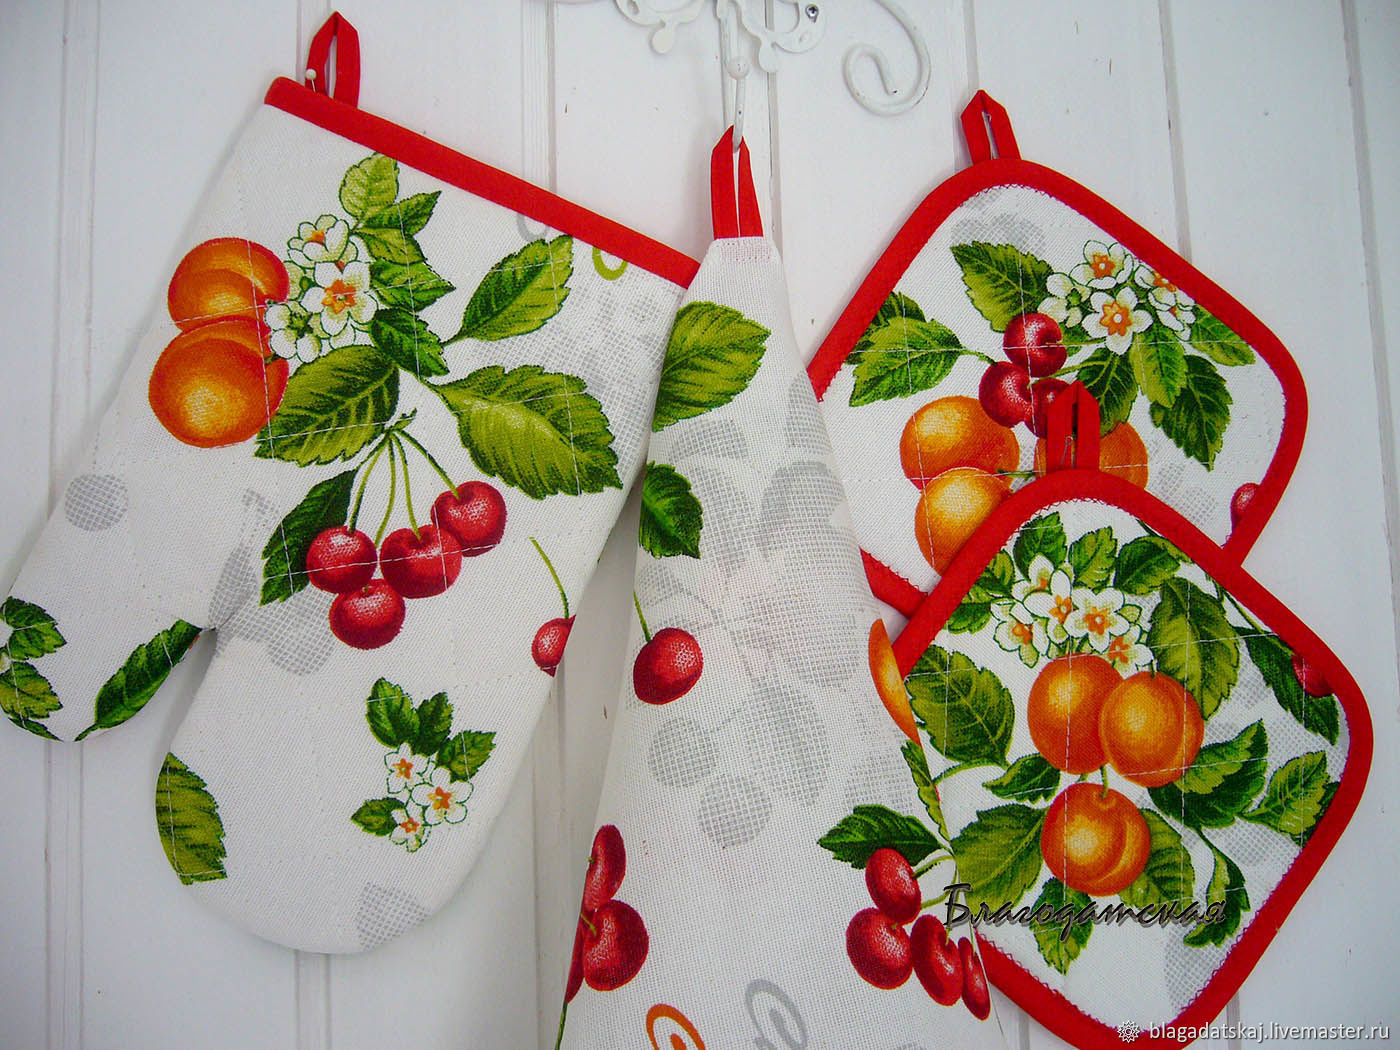 Кухонная:Набор для кухни Конфитюр, Мебель, Санкт-Петербург, Фото №1